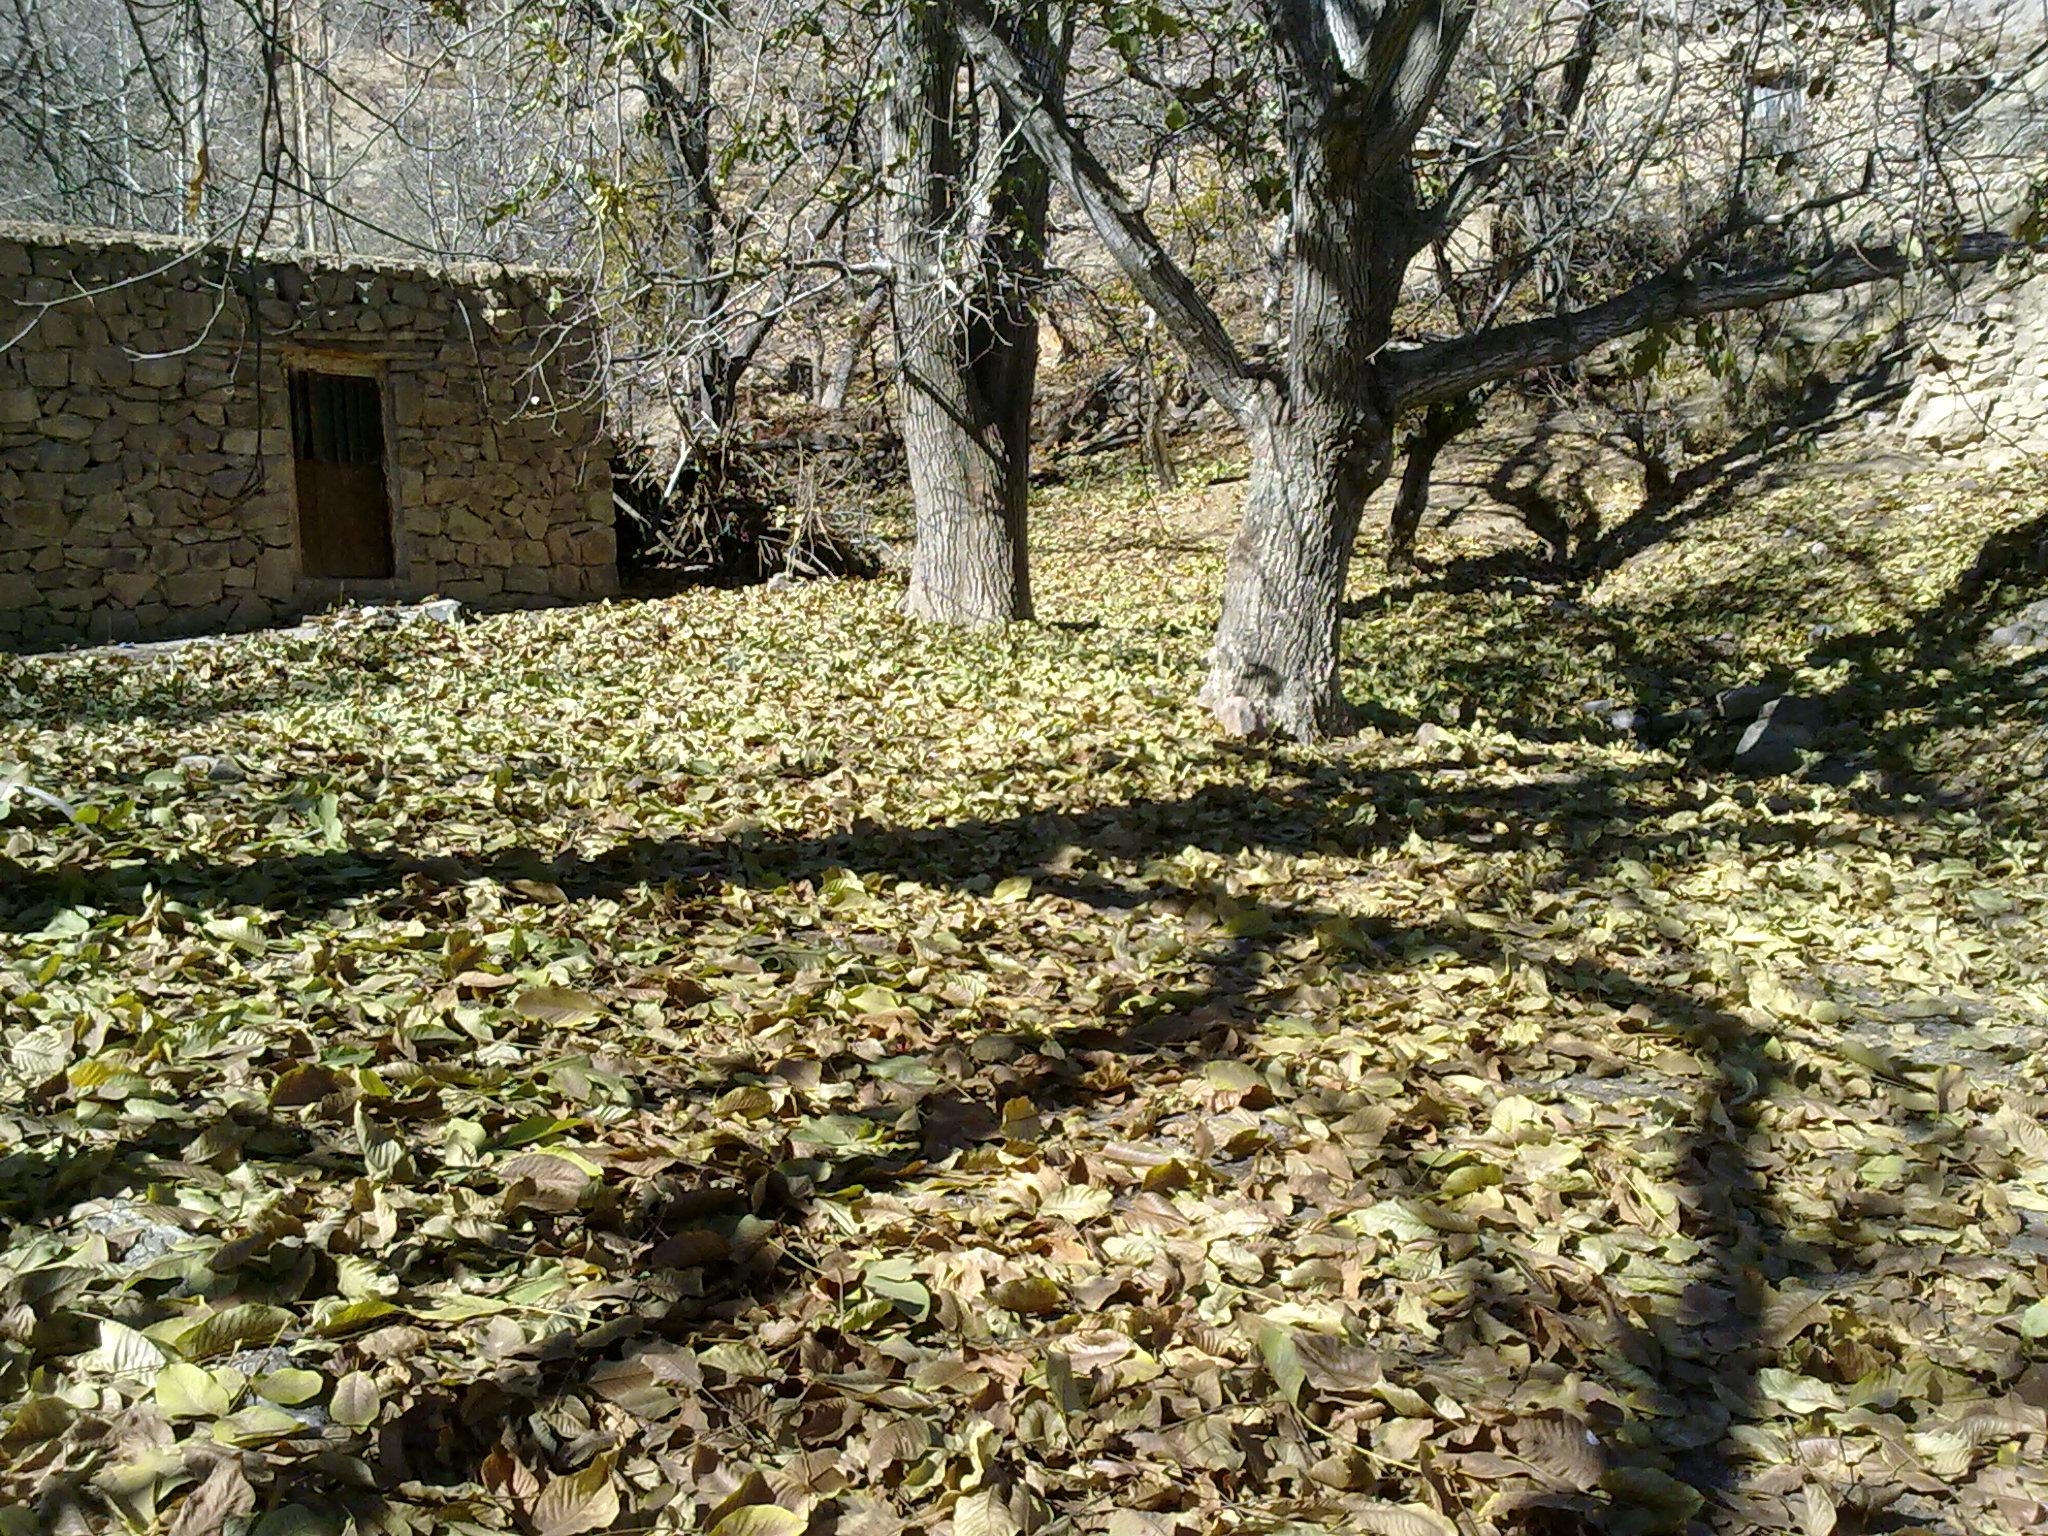 روستای صرفه از توابع دهستان گروه در پاییز